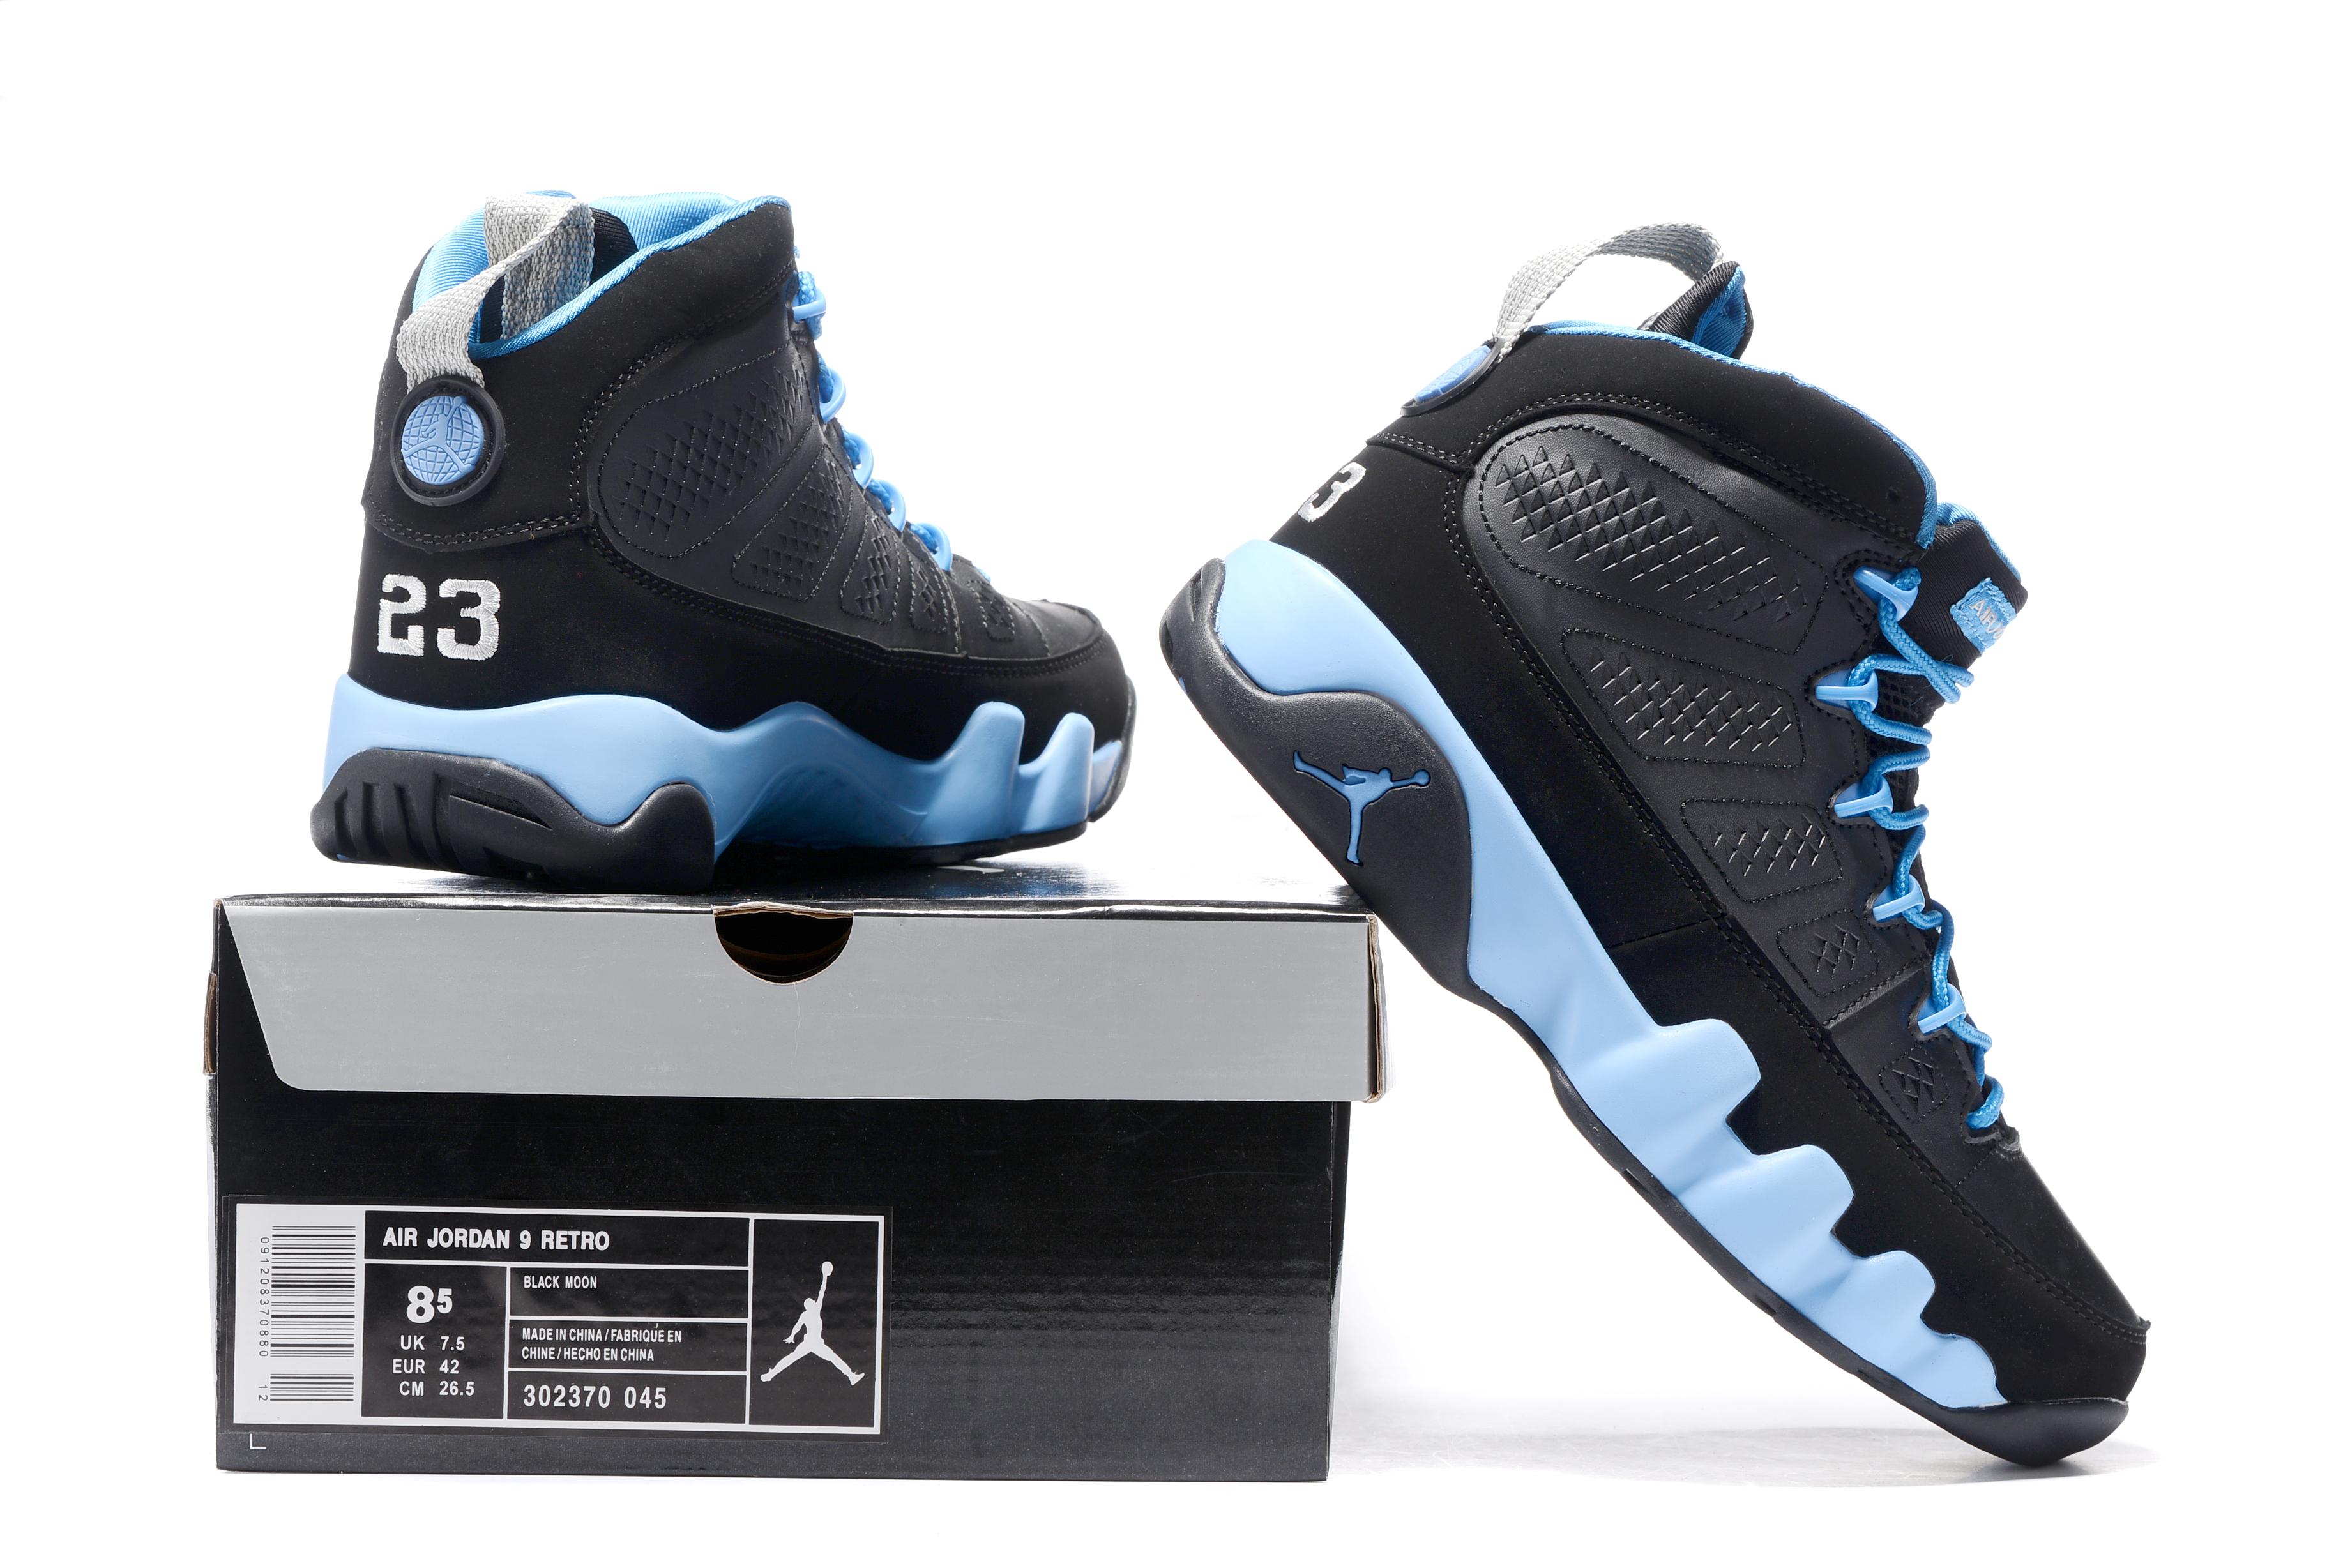 half off e4f16 9a3b5 Air Jordan 9 Retro